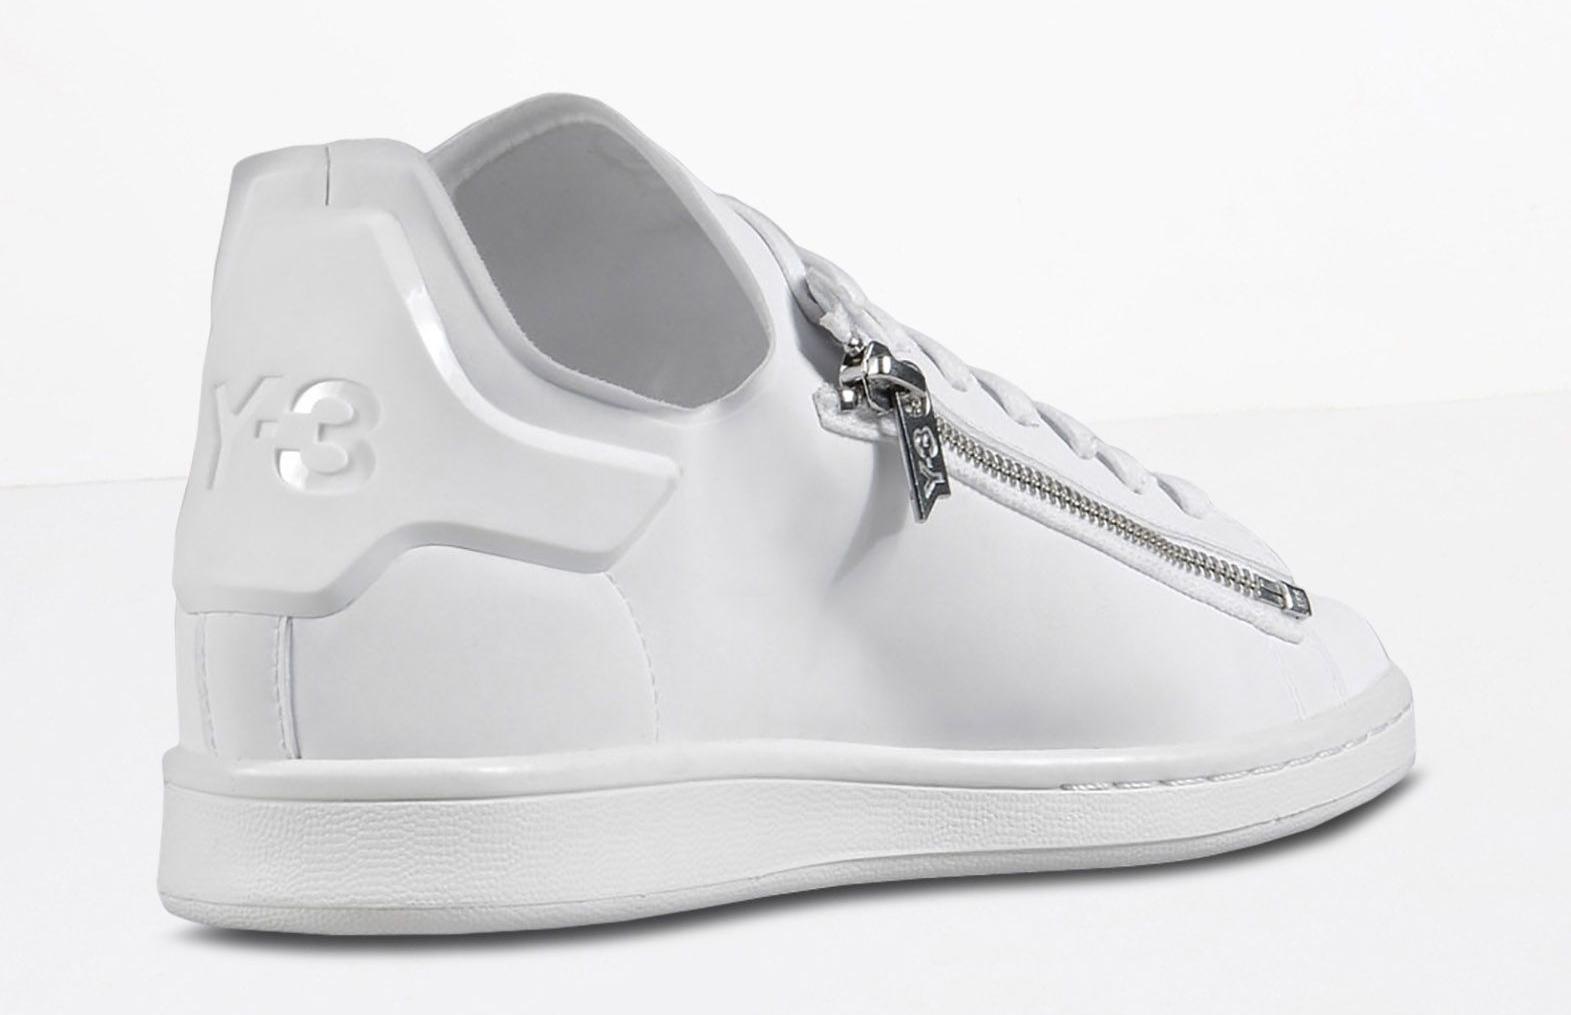 adidas-y3-stan-smith-zip-4